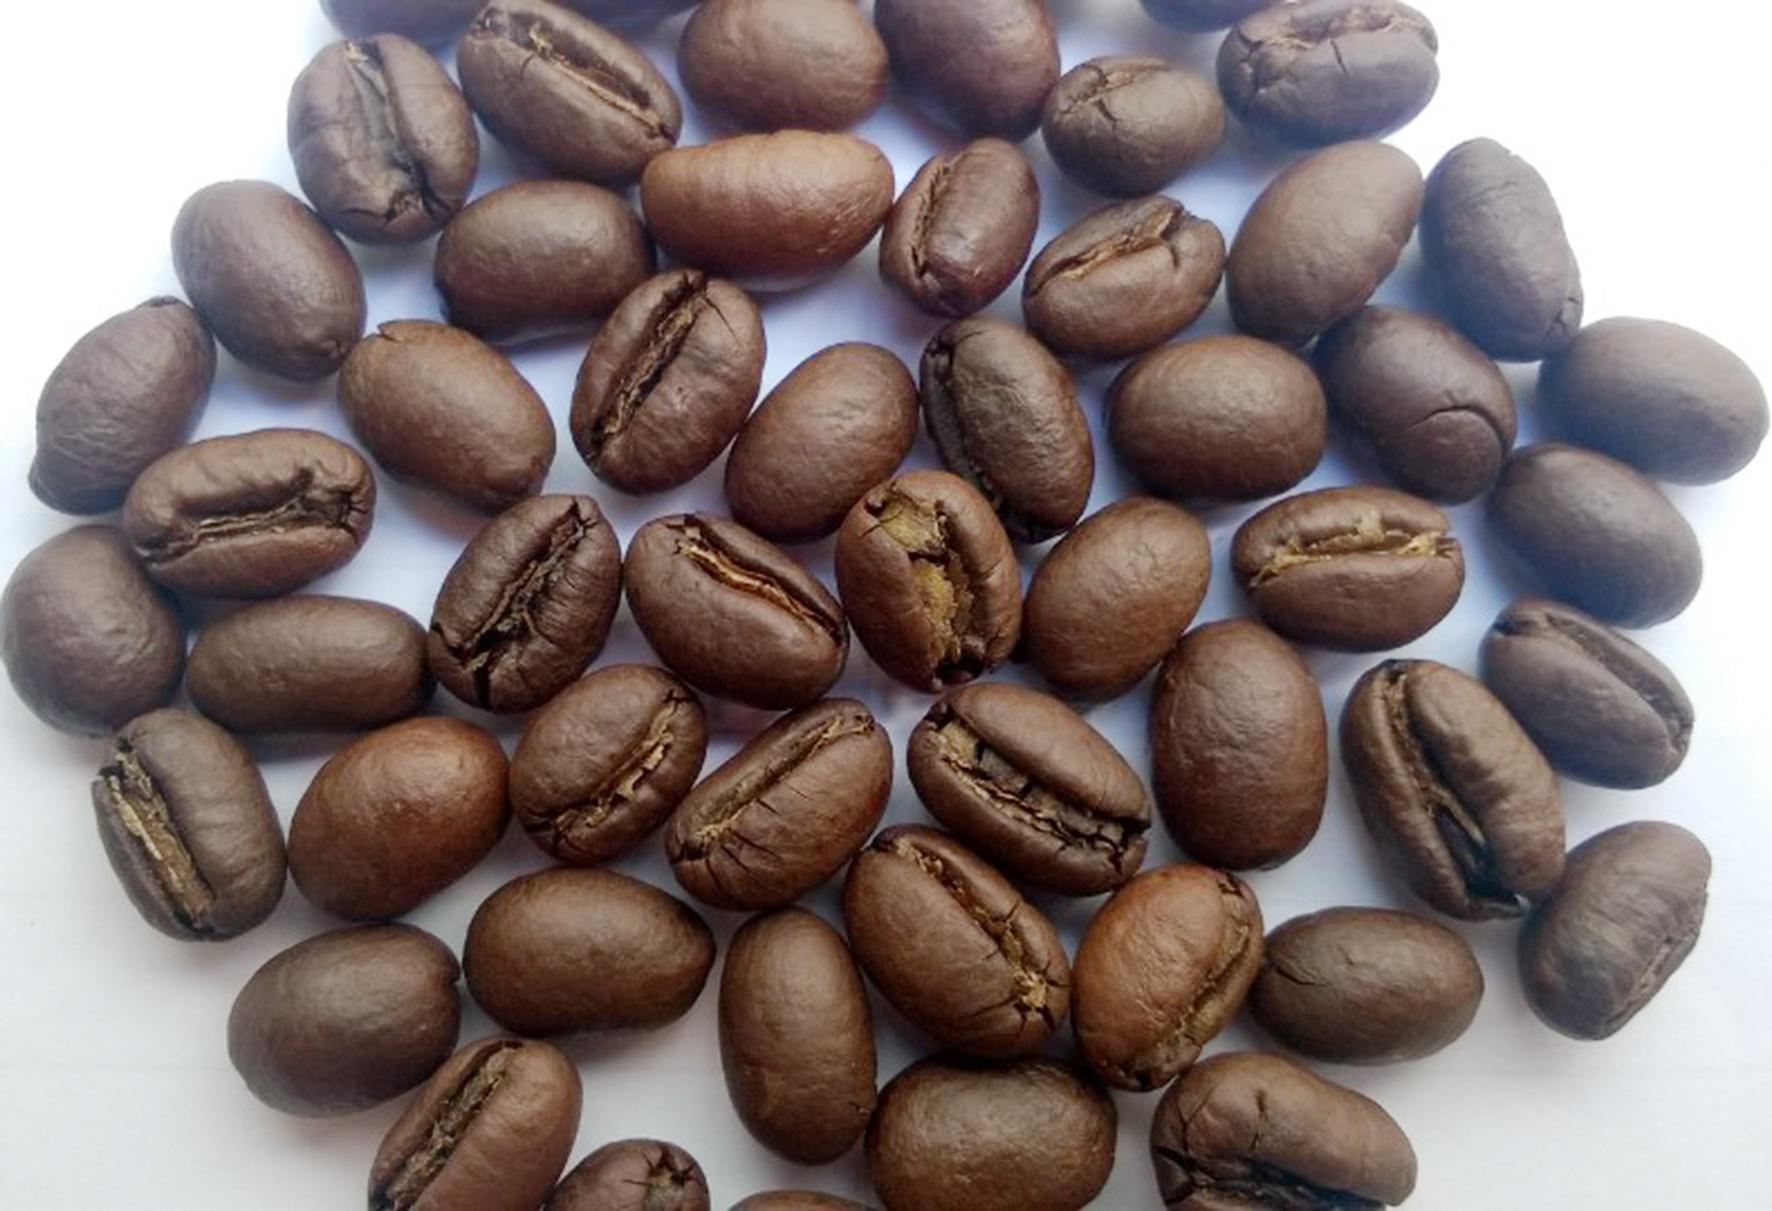 cà phê culi được tách ra từ cà phê robusta